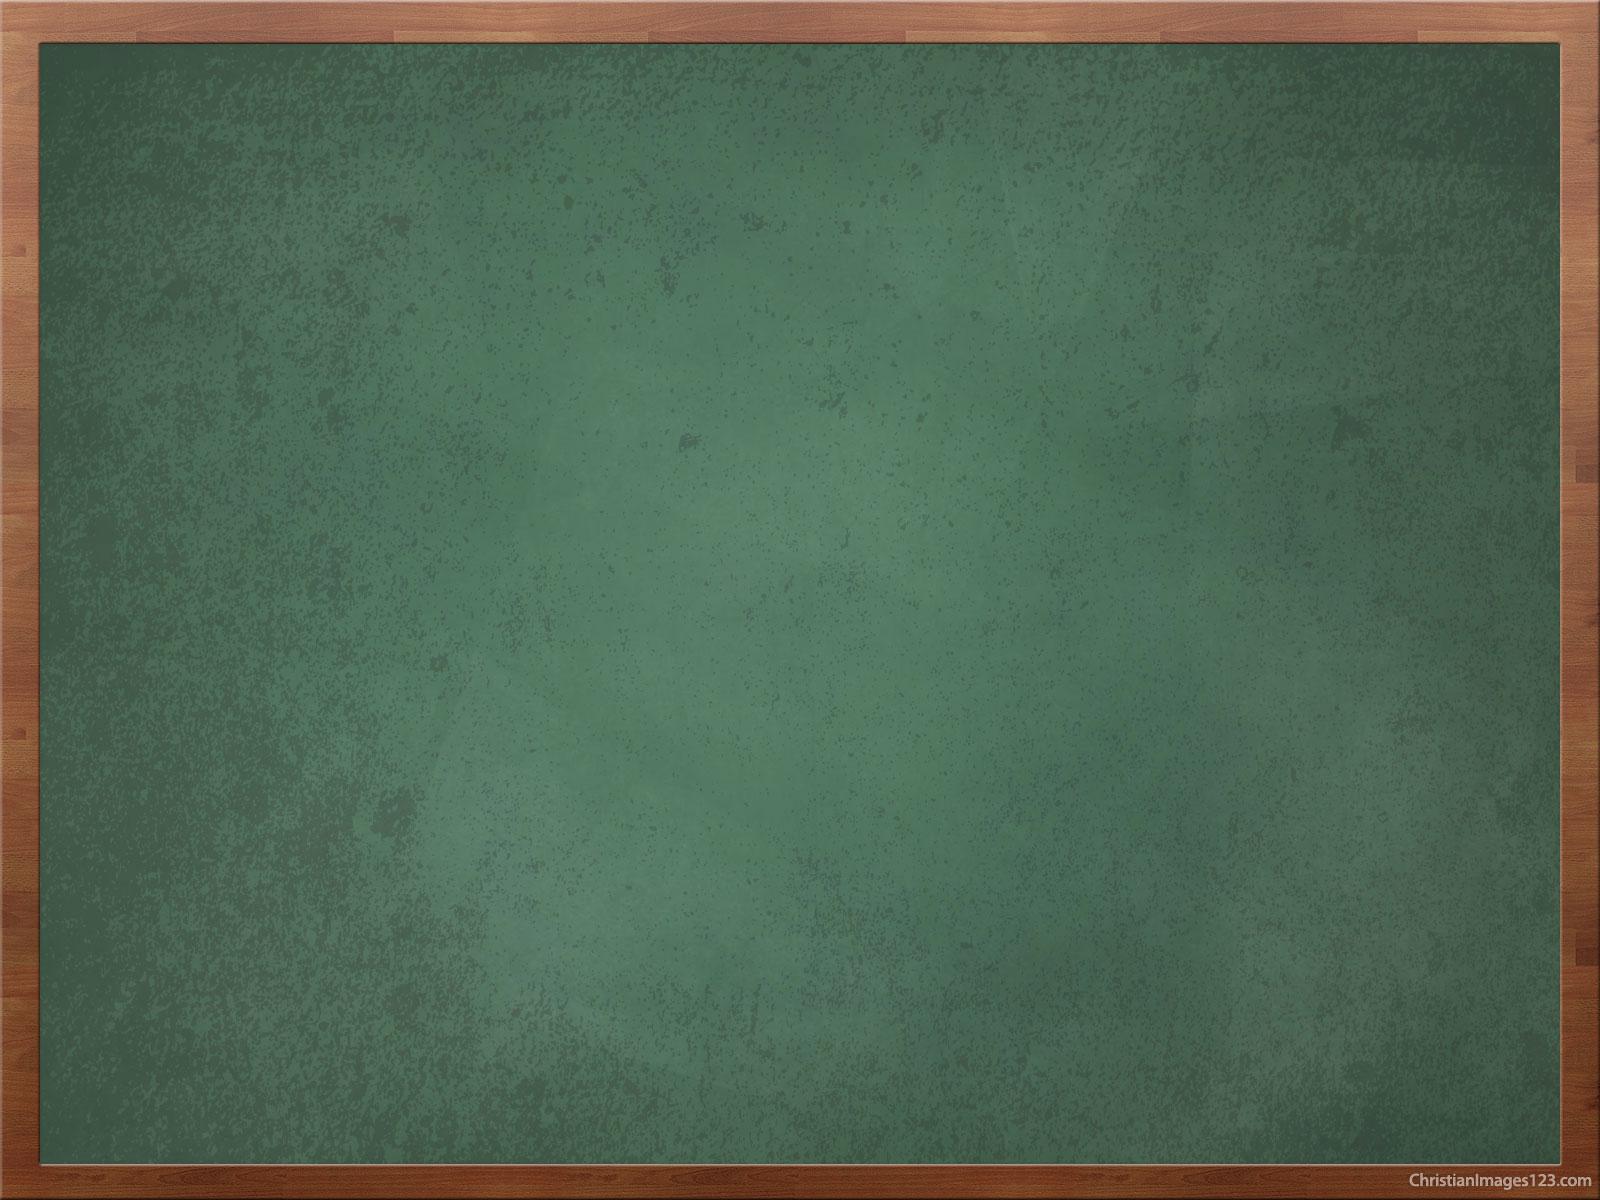 Blackboard clipart blackboard background, Blackboard